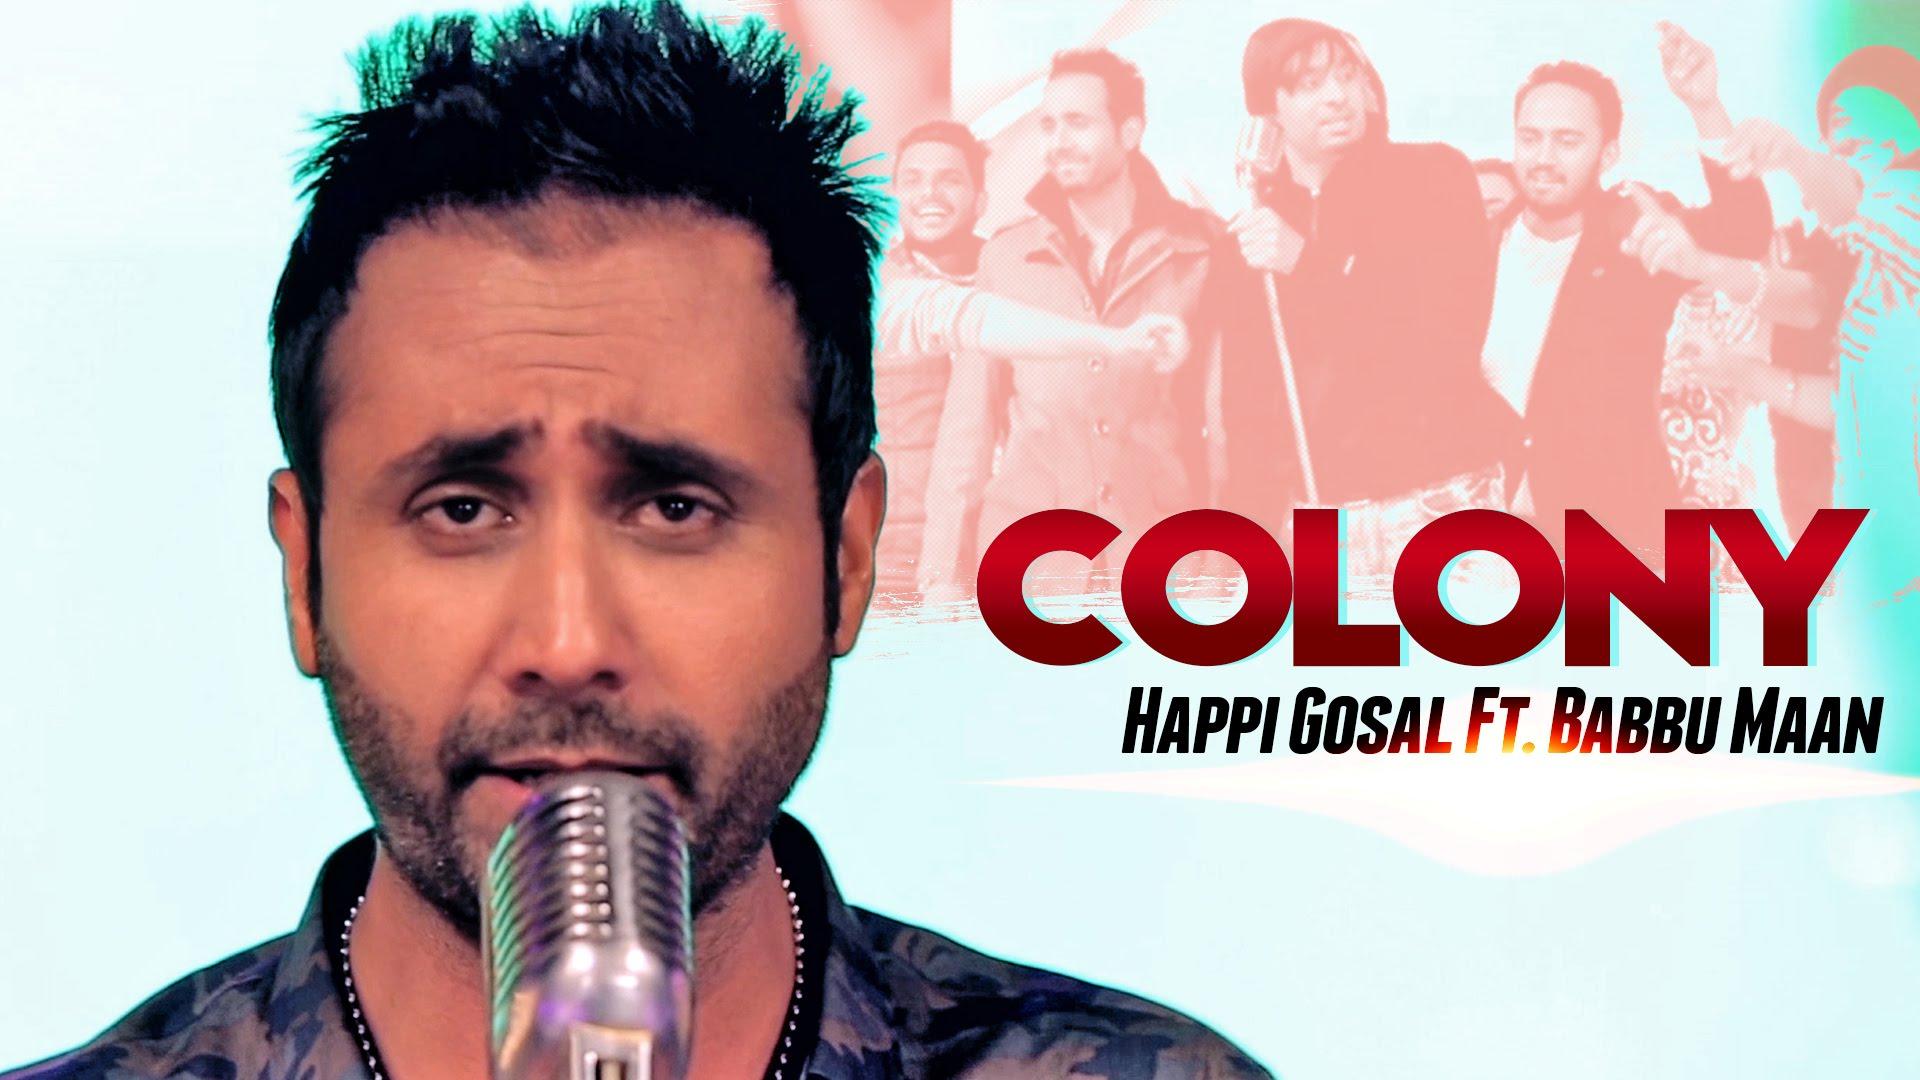 Colony Aah Chak - Happy Gosal